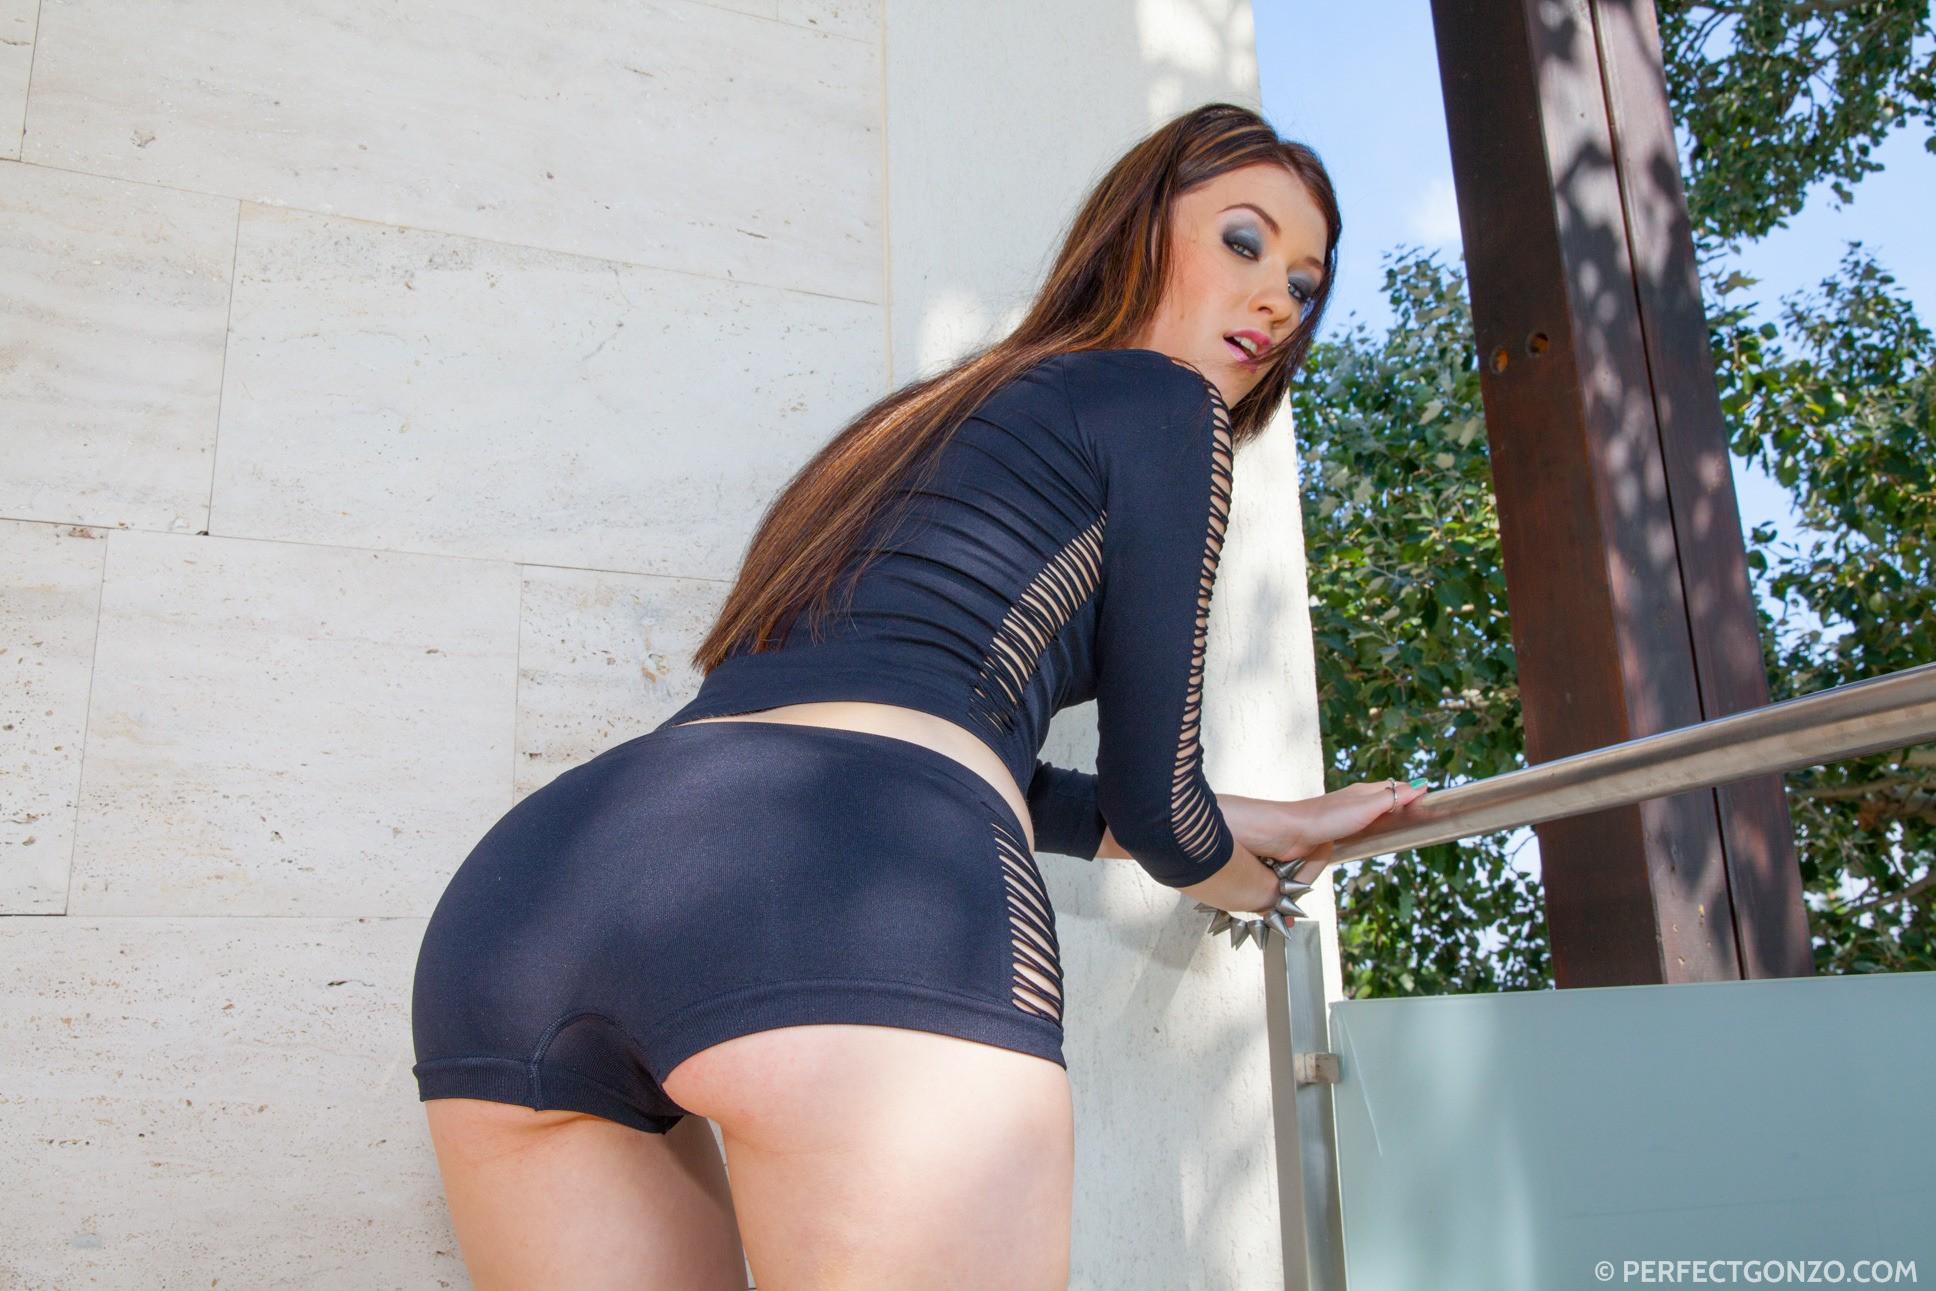 Modelo Culo Azul Cabello Negro Moda Ropa Misha Cross Nina Belleza Dama Pierna Musculo Sesion De